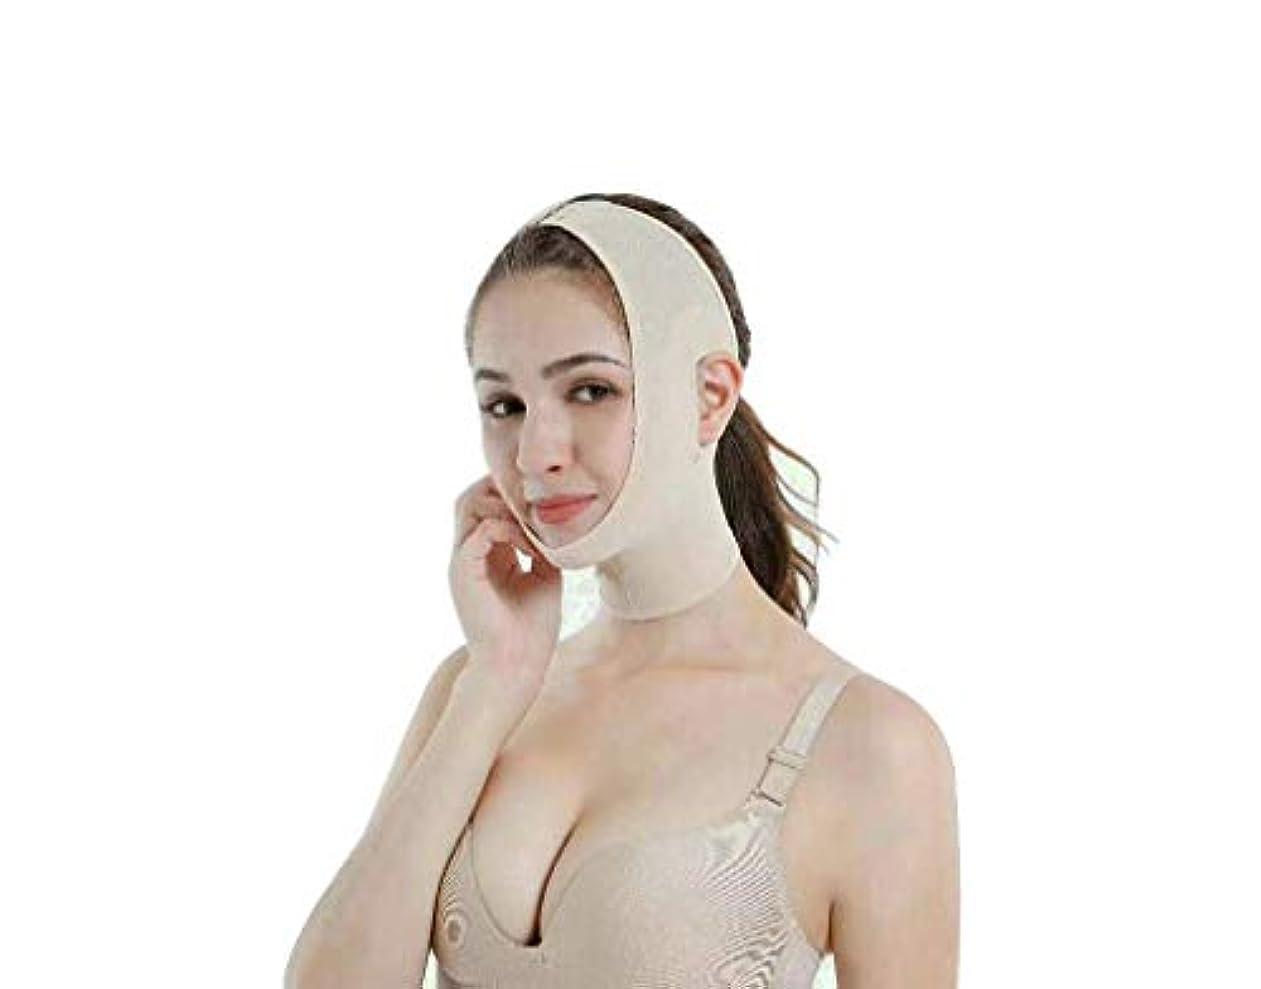 賠償舌な持っている薄型フェイスアーティファクトスモールVフェイススリーピング包帯マスクシンダブルチンリフト引き締めフェイシャルリフティングフェイシャルマッサージ(サイズ:M),XS